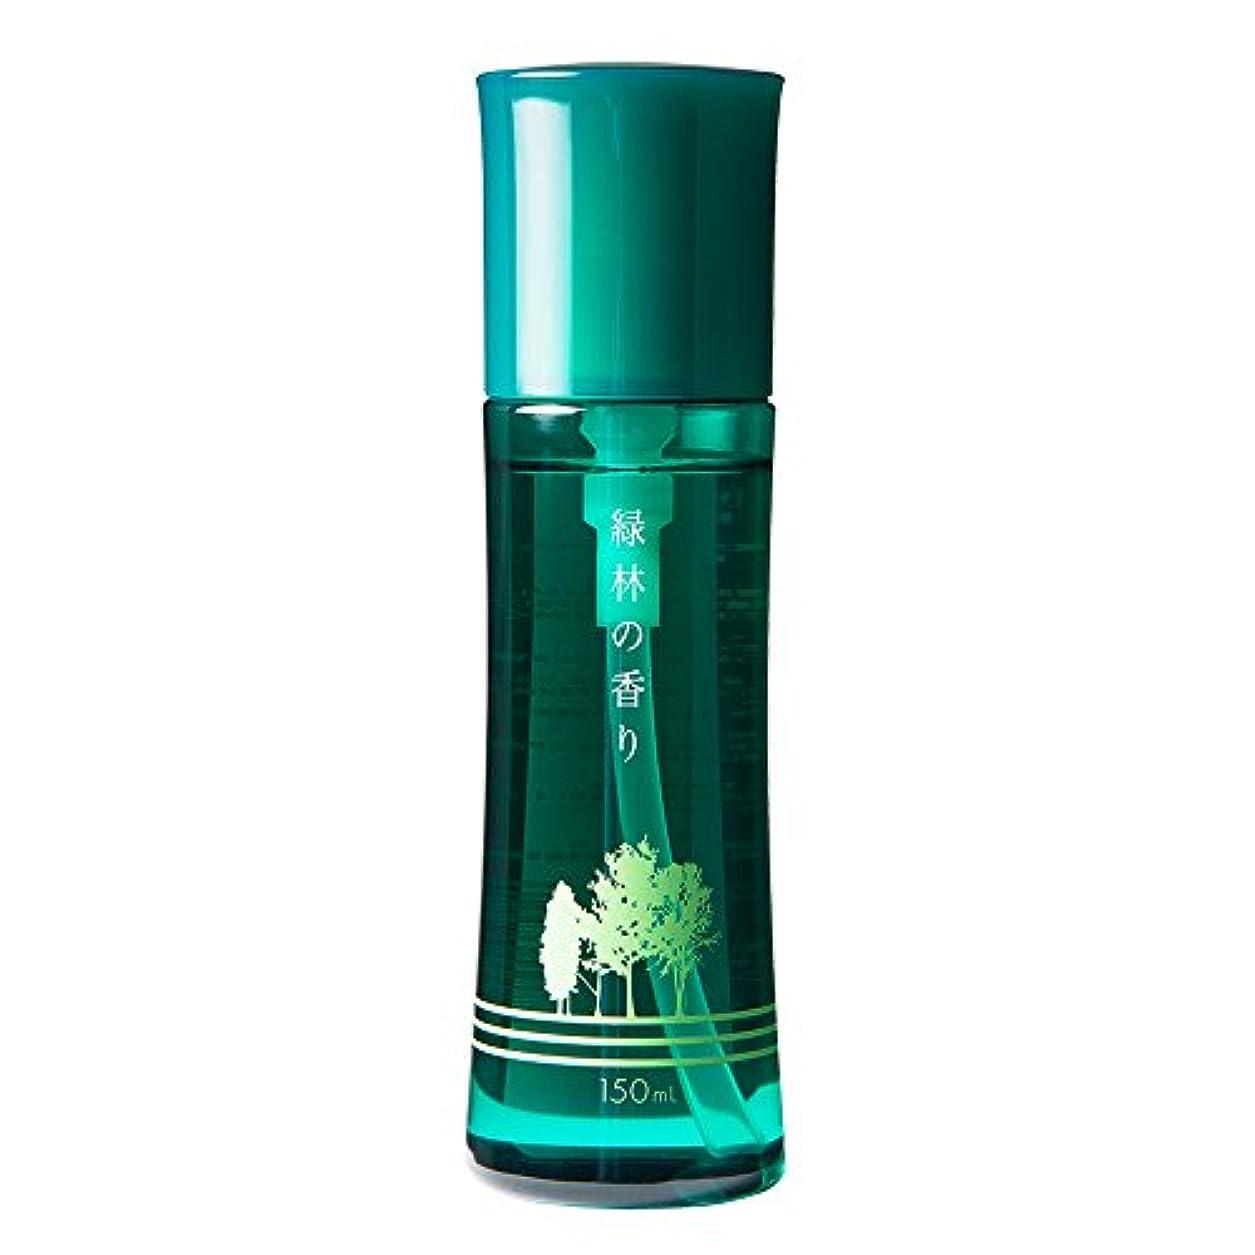 水族館金属一芳香剤「緑林の香り(みどりの香り)」150mL 日本予防医薬